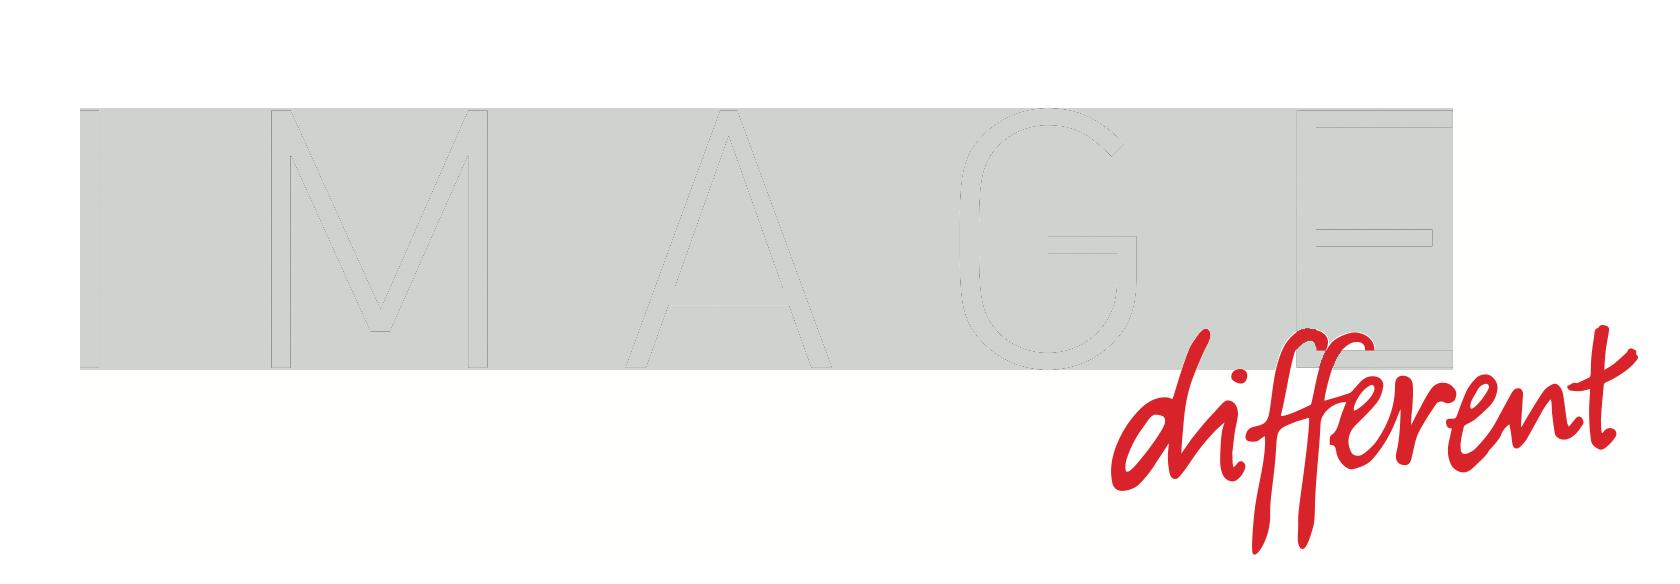 I M A G E different | Herzlich Willkommen